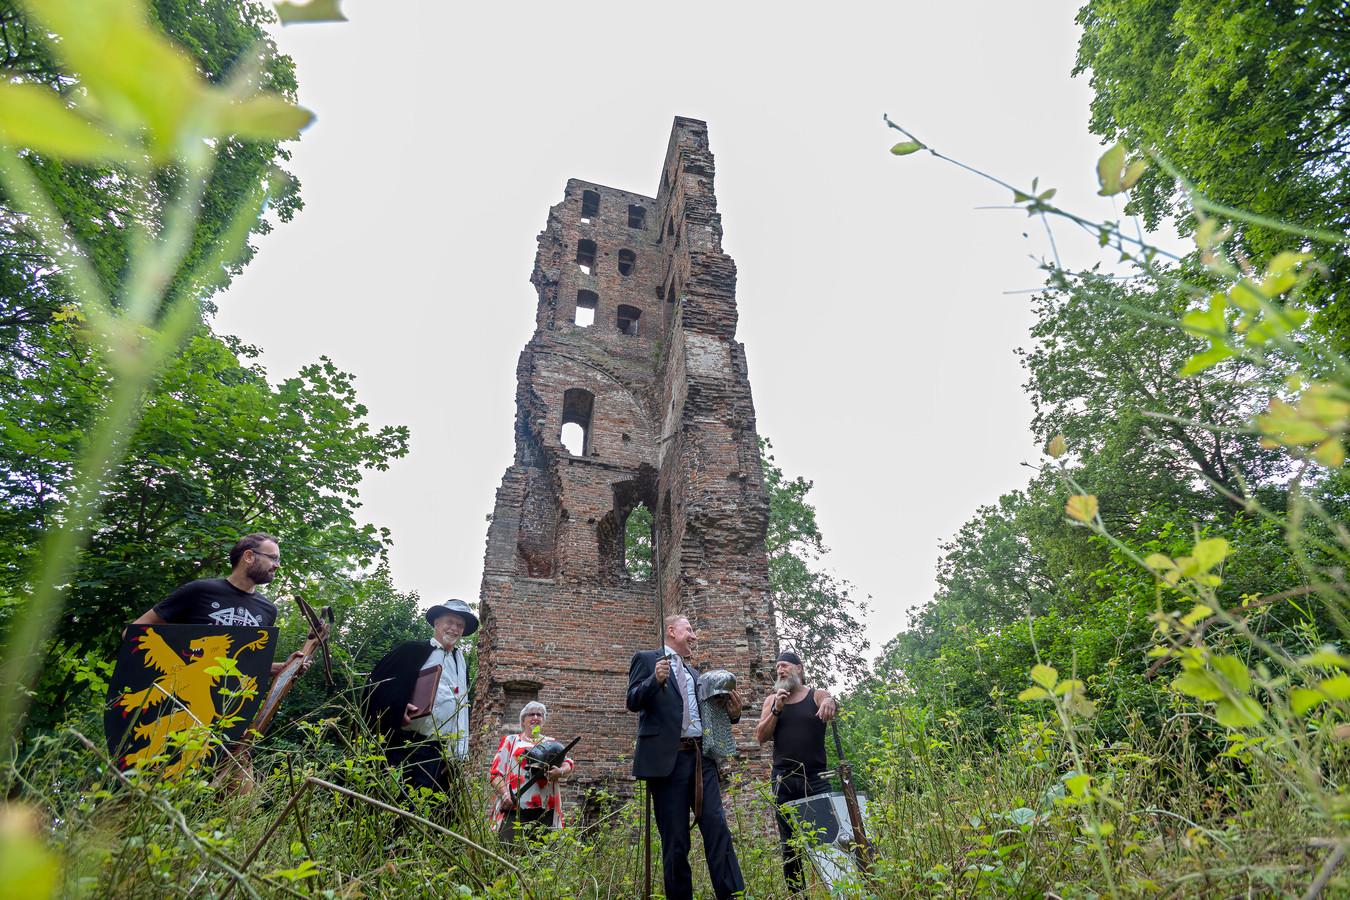 Werkgroep De Verweesde Toren wil de Slotbosse toren in Oosterhout, ook wel bekend als de ruïne van kasteel Strijen, toegankelijker maken. Van links naar rechts werkgroepleden Kaj Paulus, Frans Engels, Gerry Oomen, Anco Bakx en René Frik.